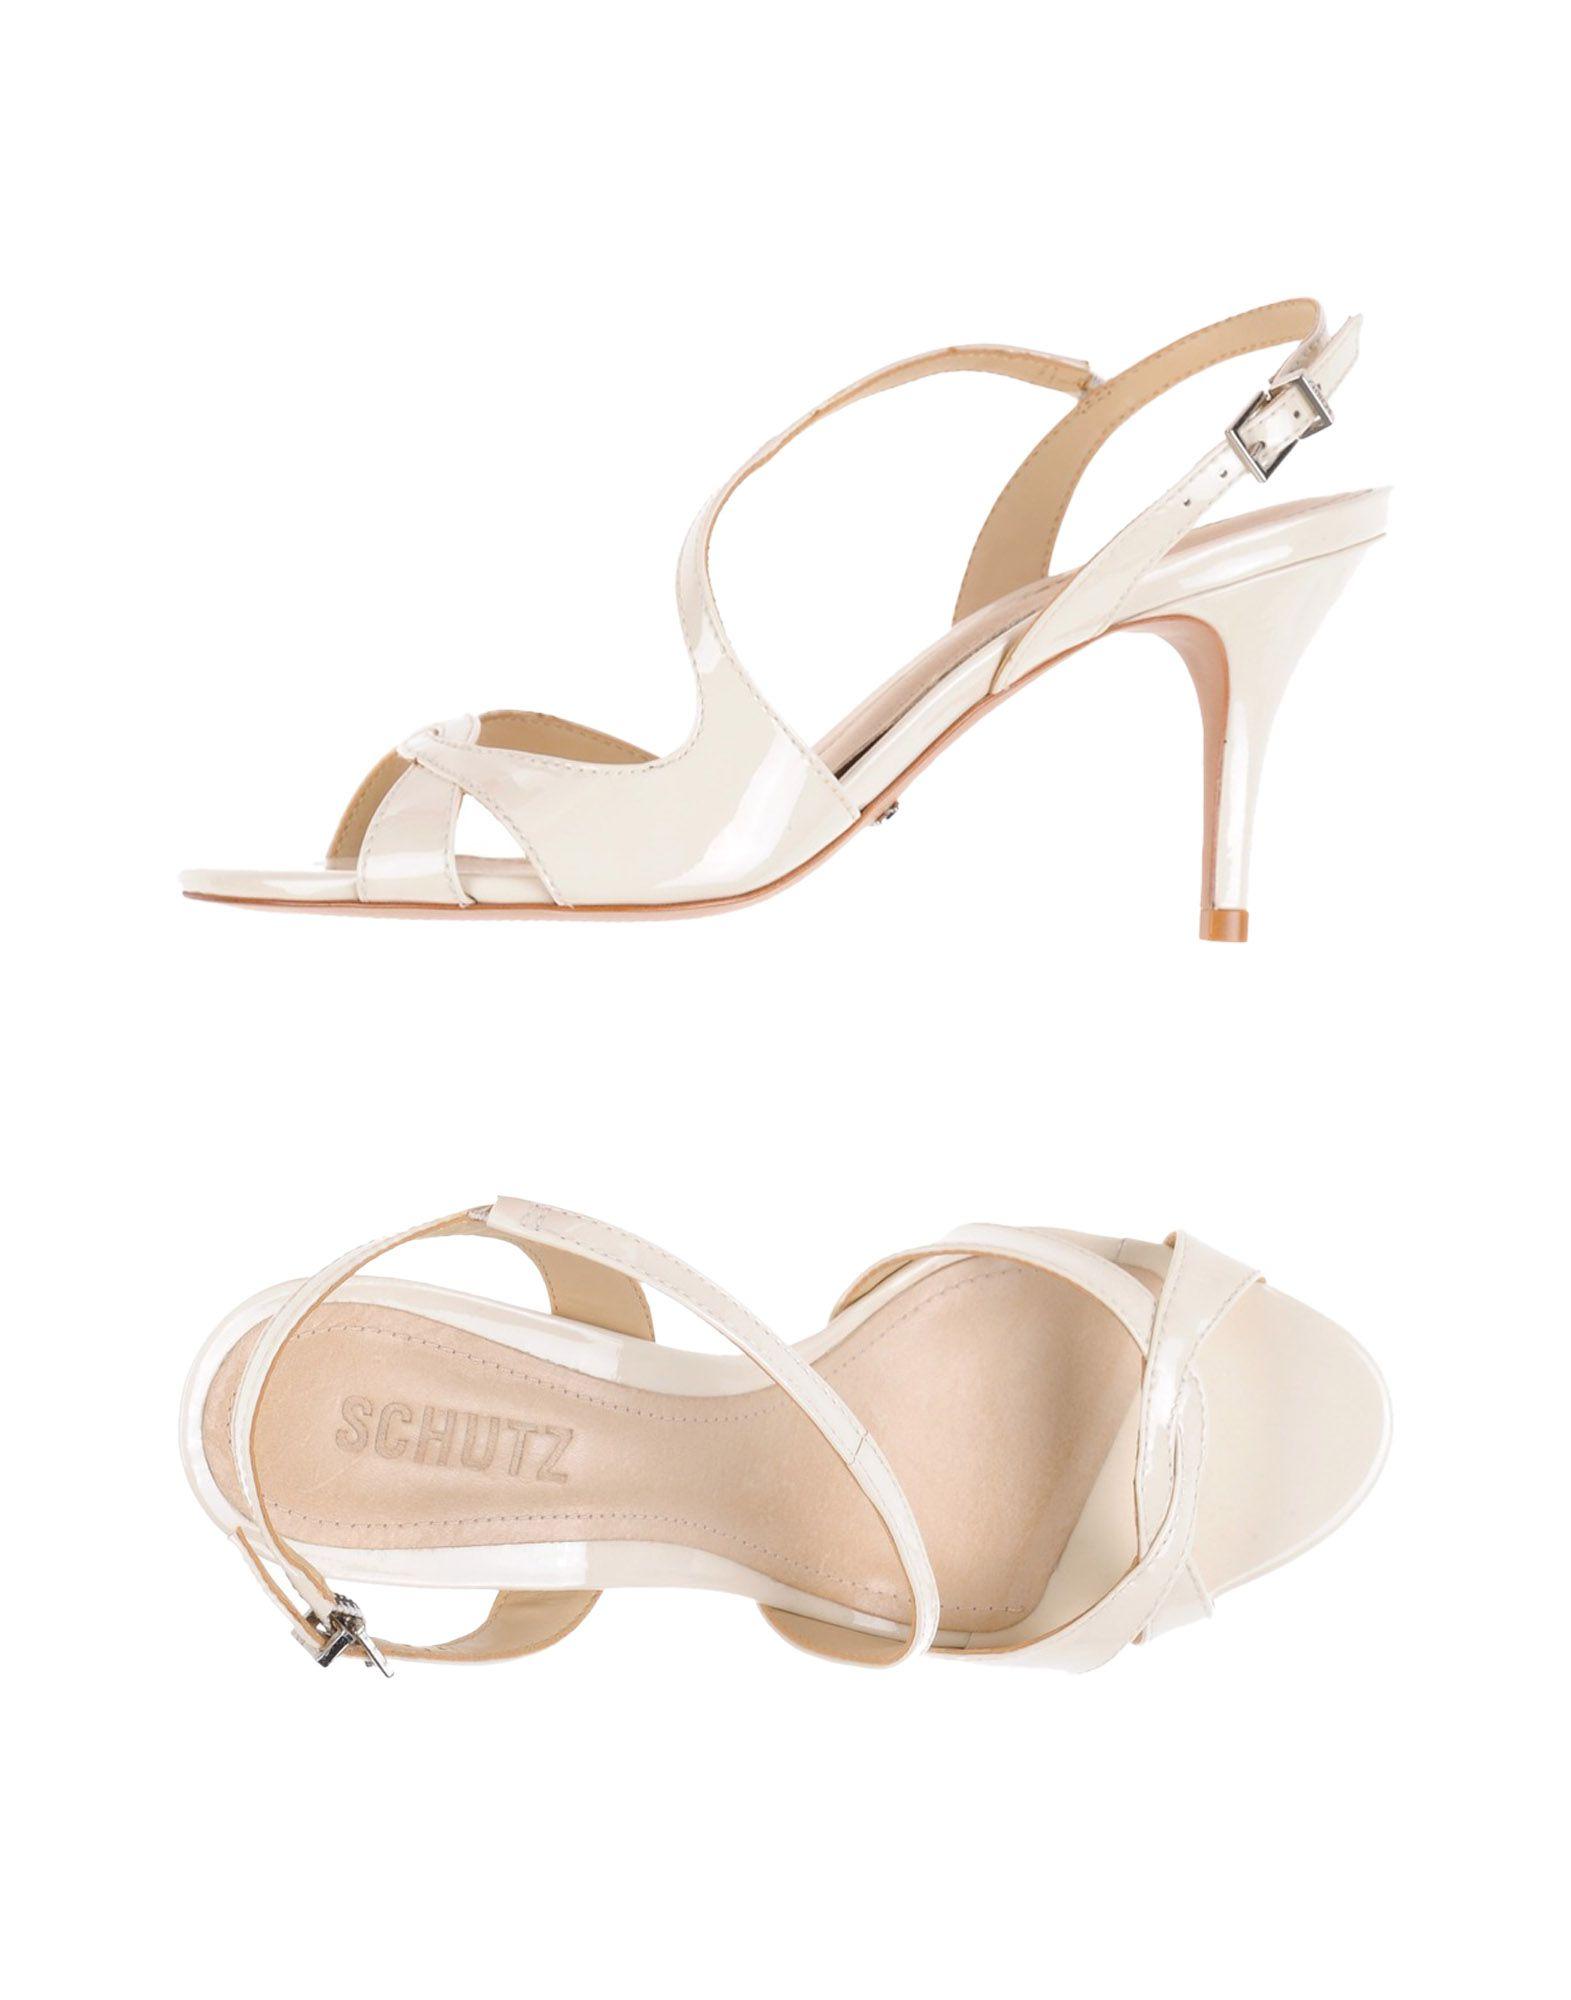 Schutz Sandalen Damen   Damen 11181739FC Gute Qualität beliebte Schuhe d8a224